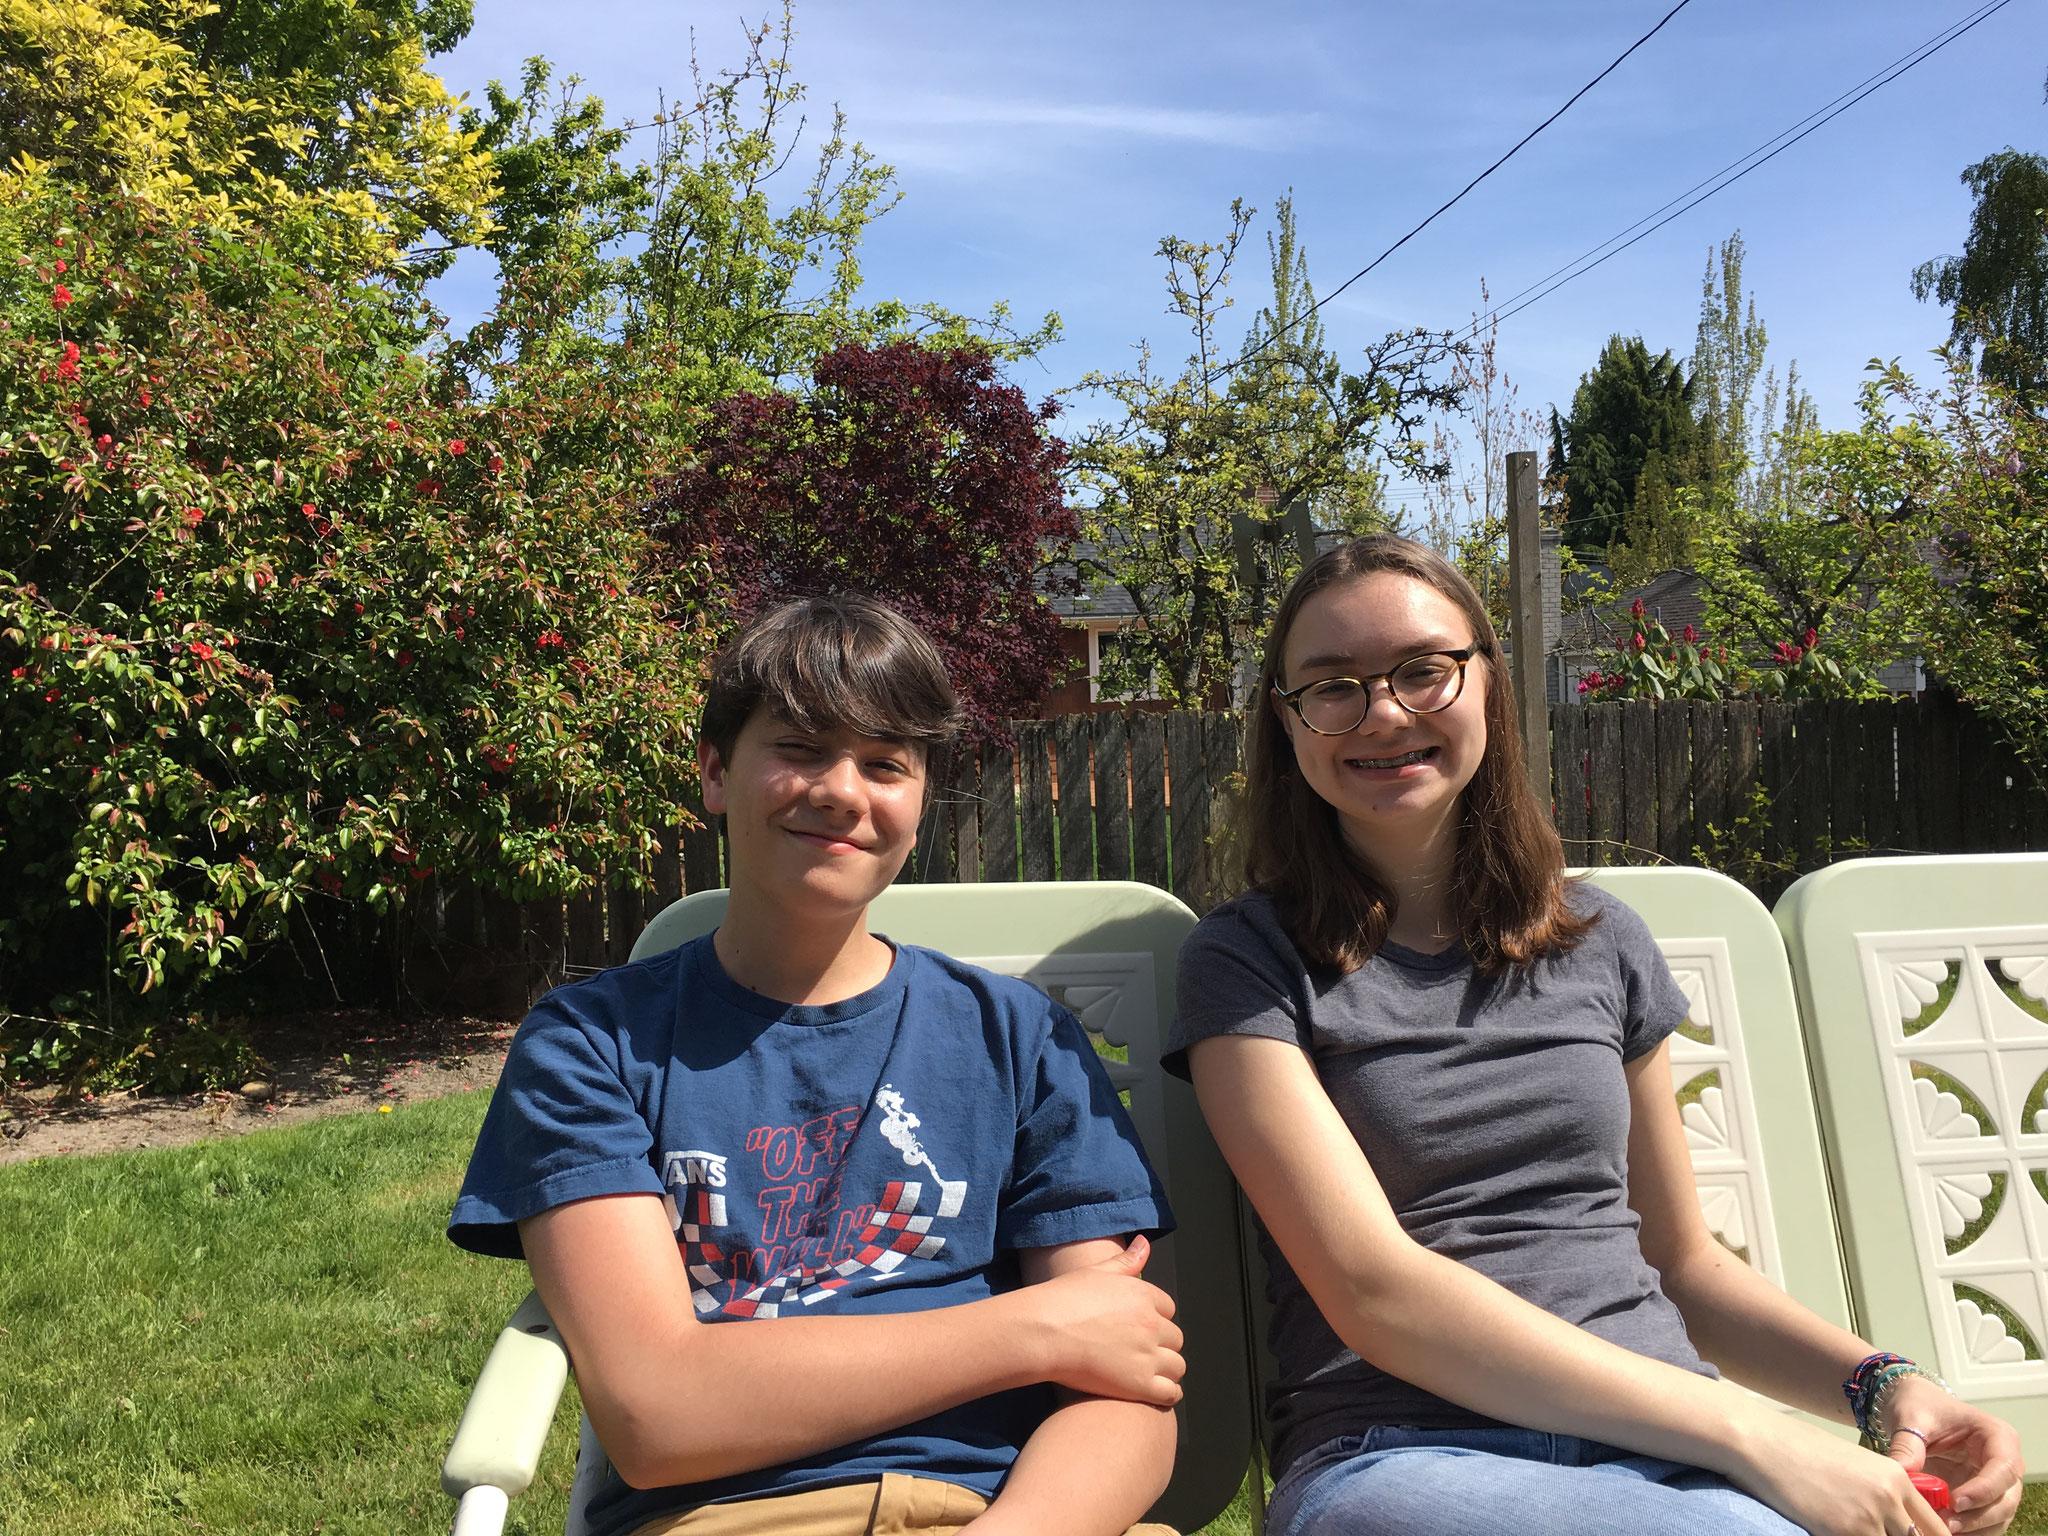 Liam & Ines, Max's children